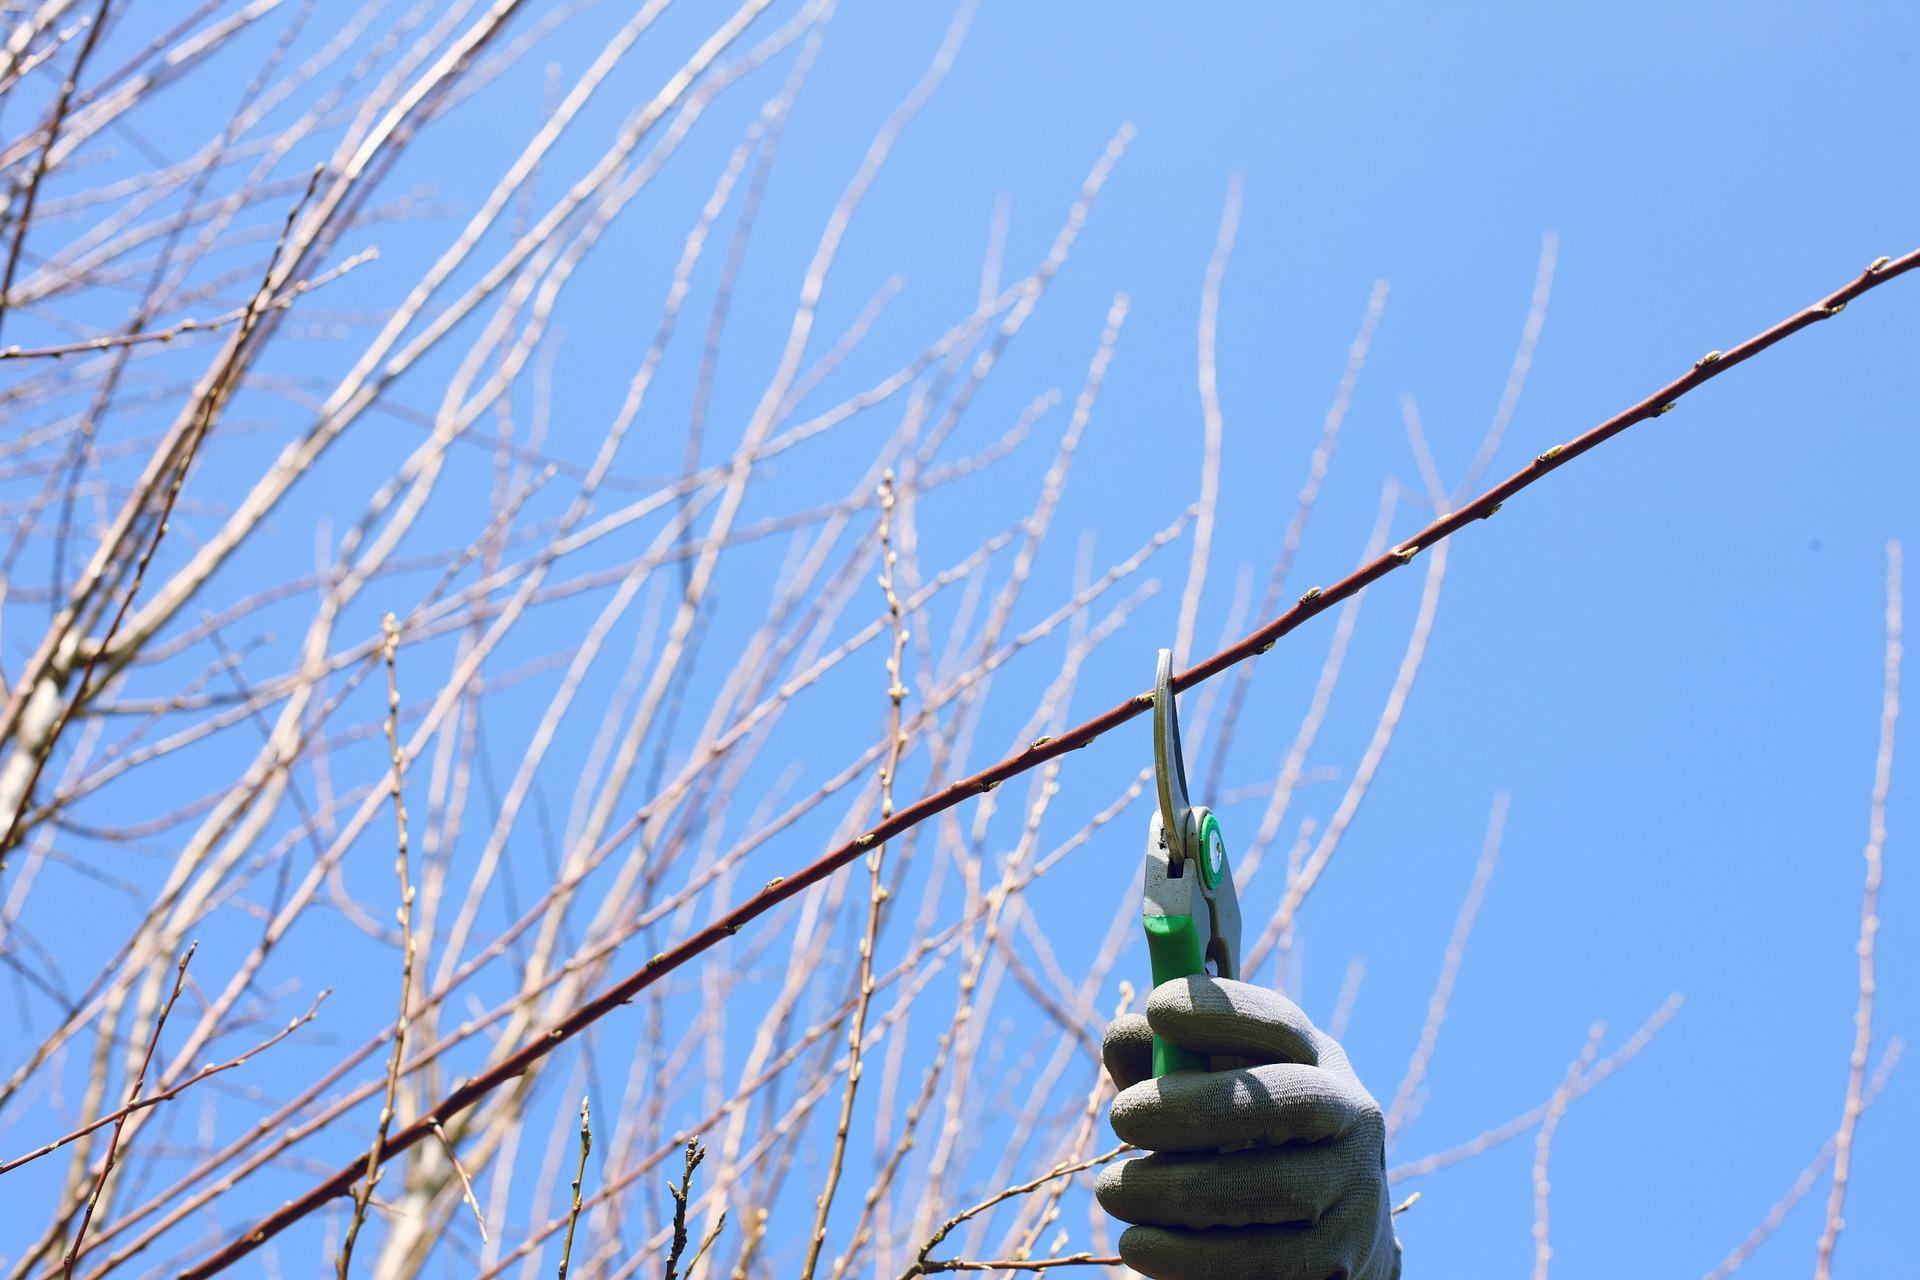 Coupe et élagage arbre arbuste haie réalisé par La Main Verte.